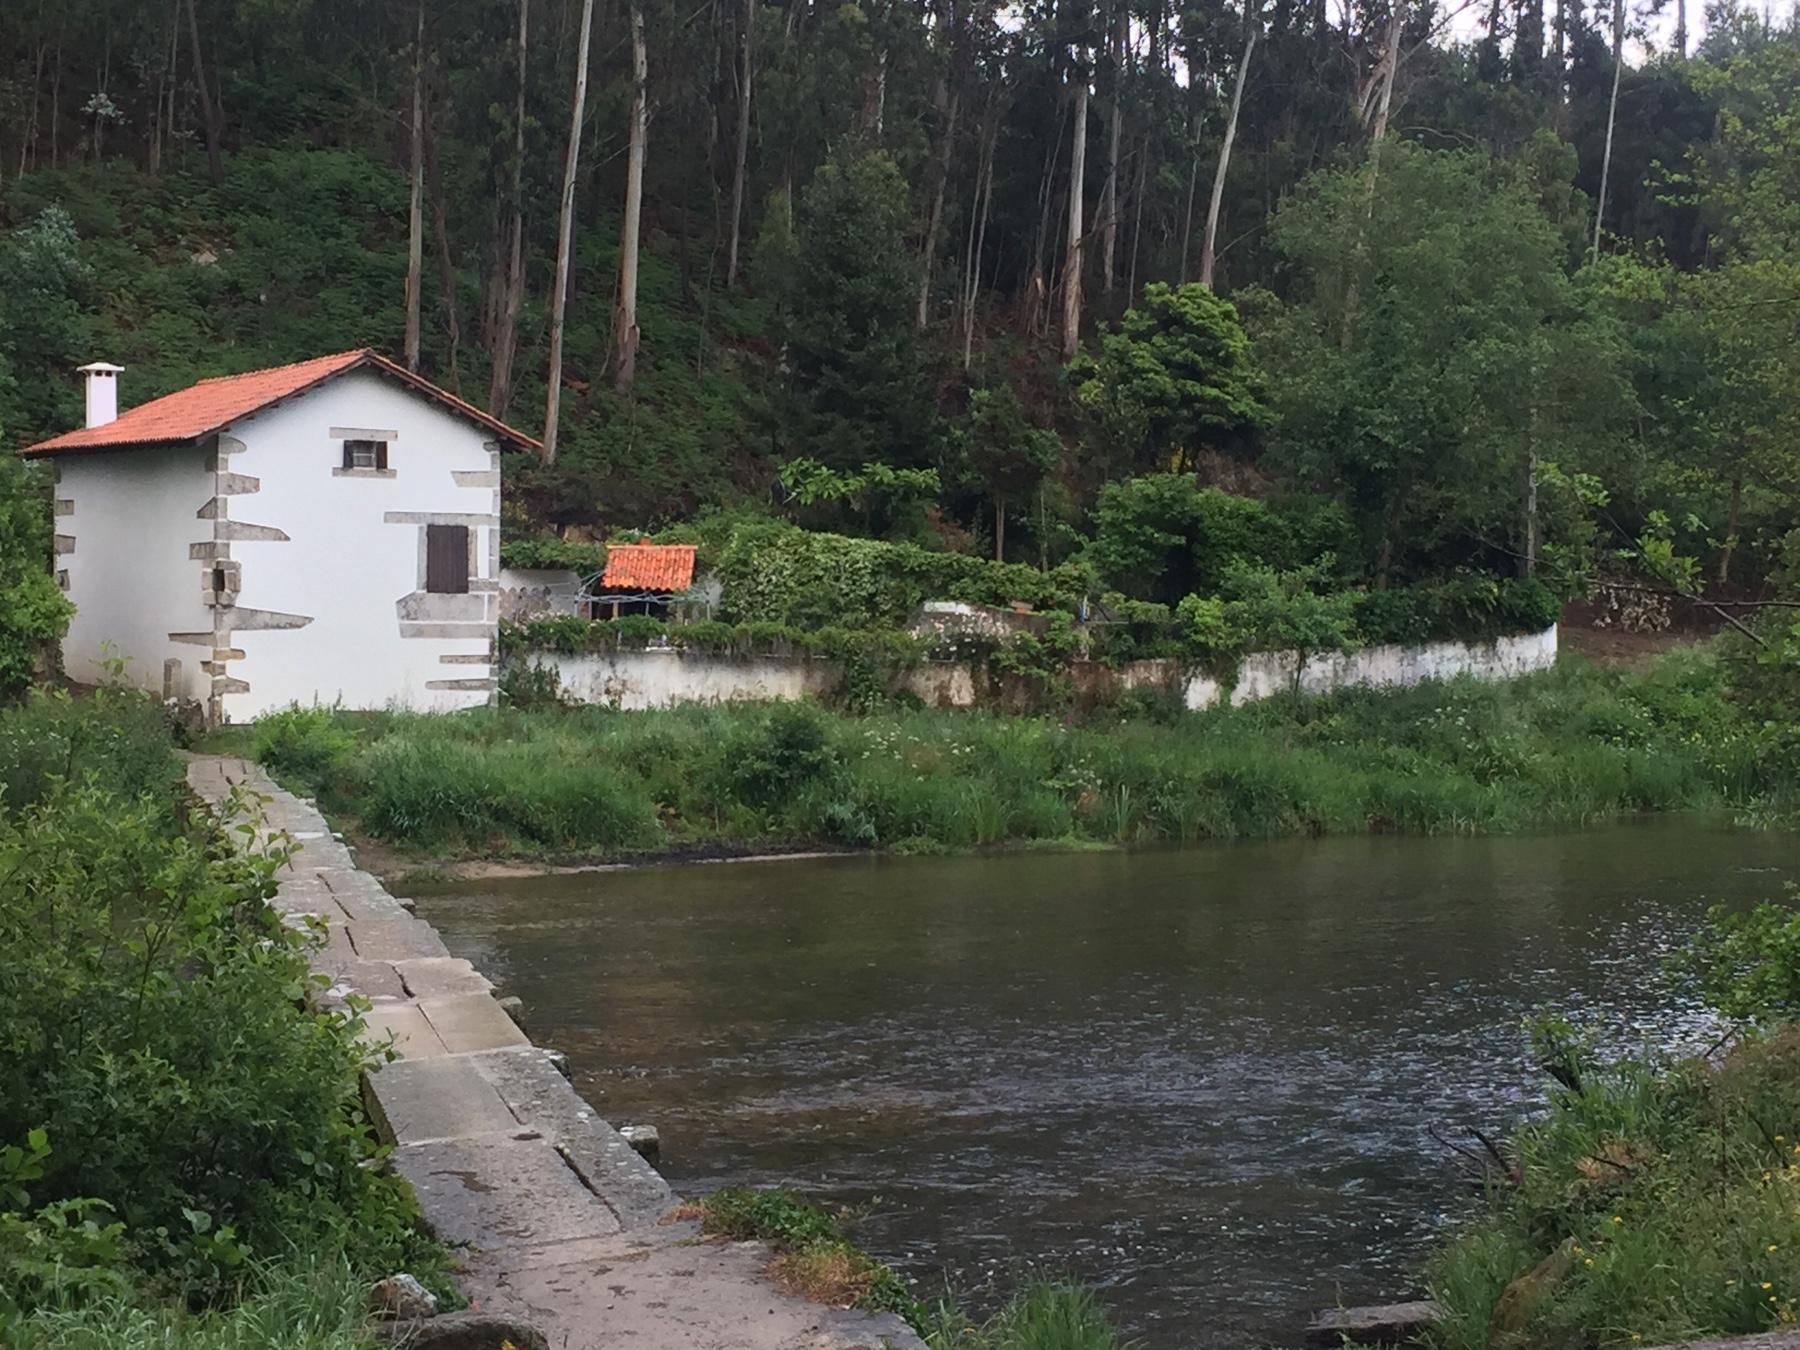 Brücke über den Rio Neiva Richtung Viana do Castelo, Caminho Portugues 2017